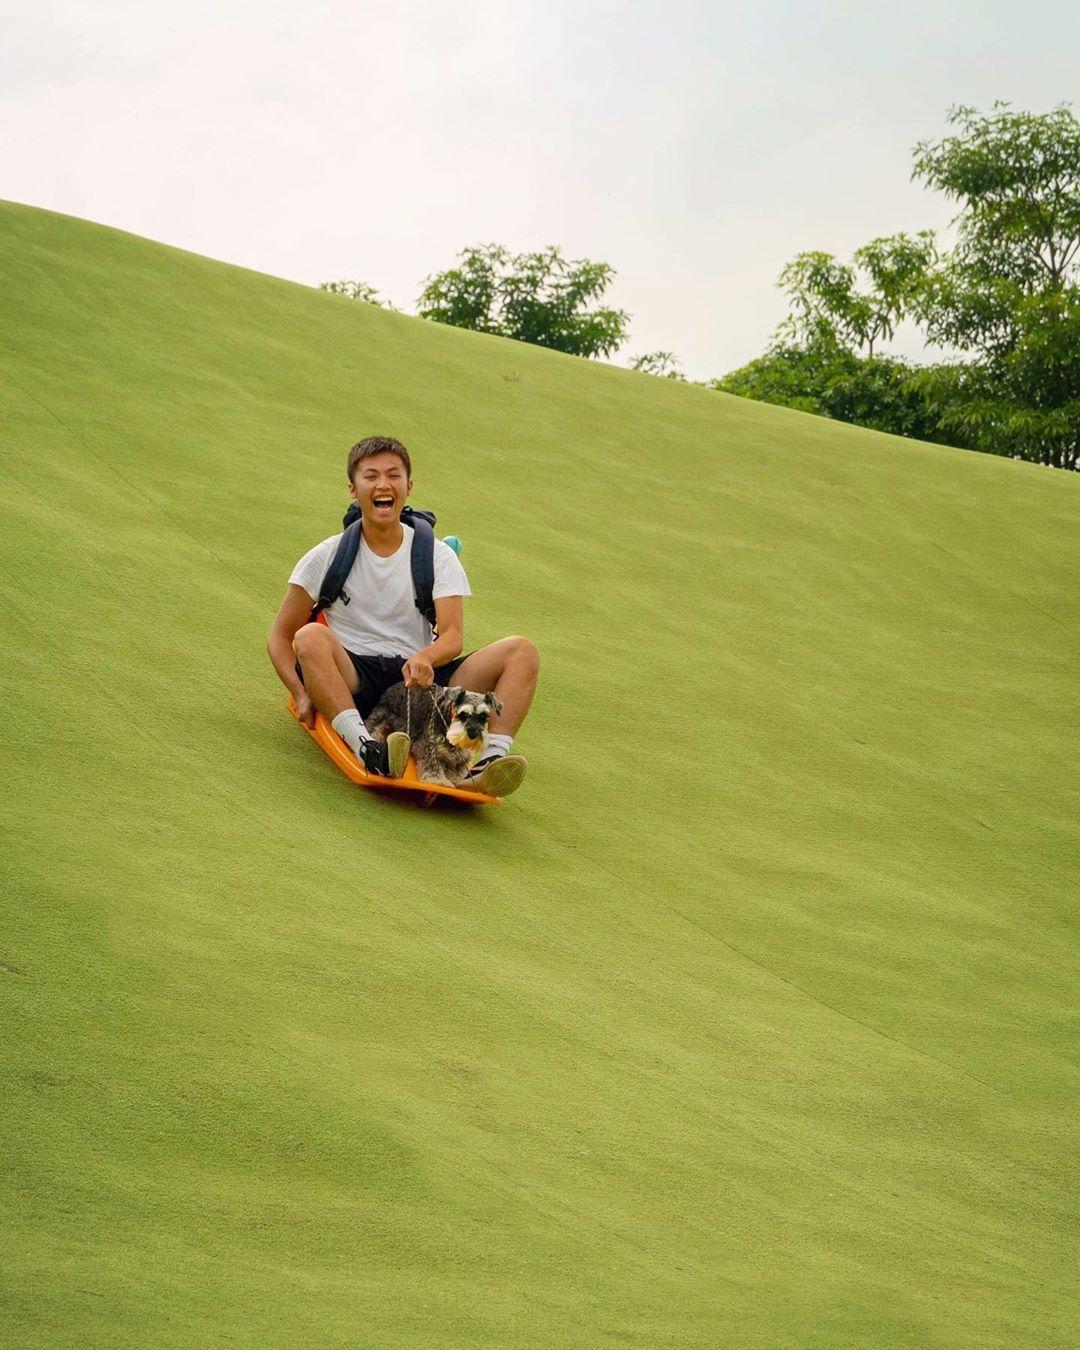 大草皮是絕佳滑草景點,大人小孩都樂此不疲。